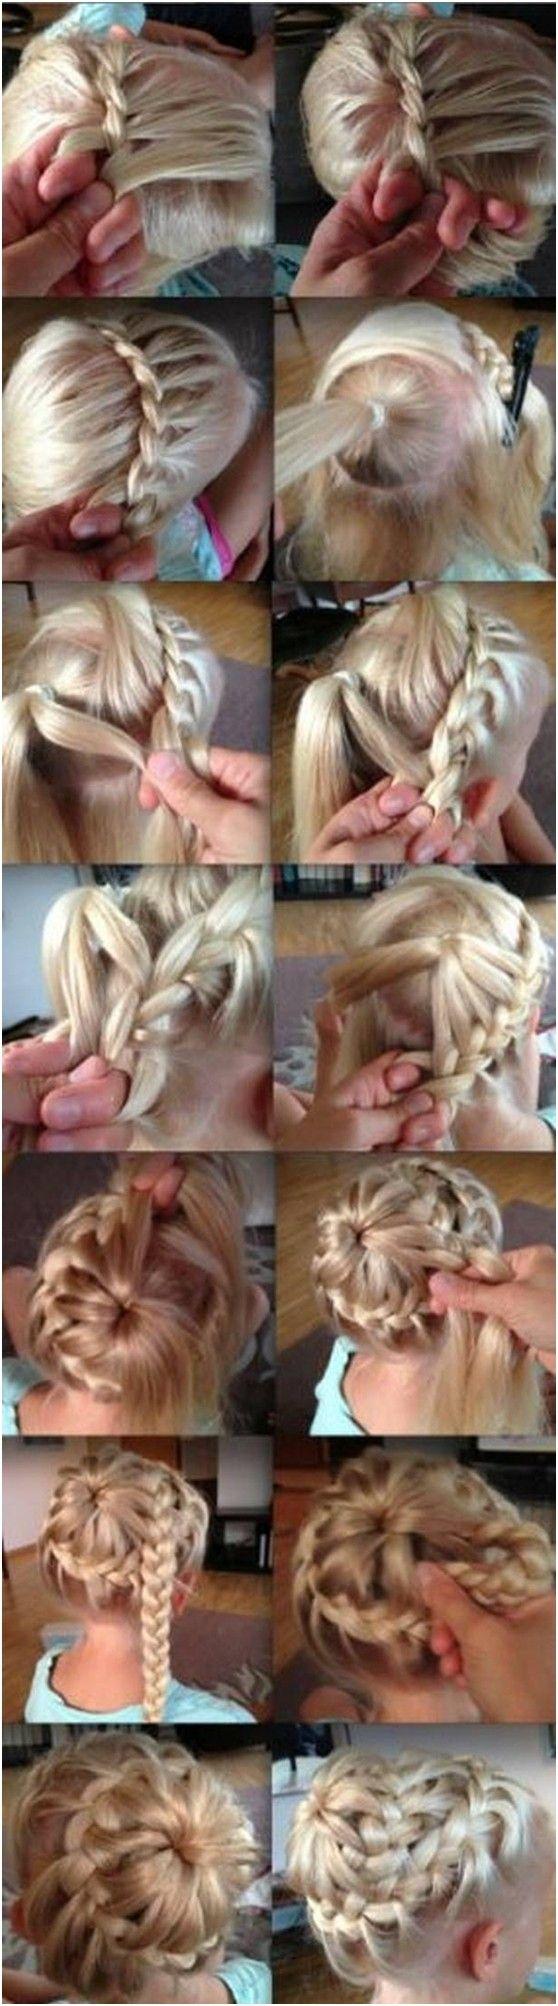 Die schönsten Haarfrisuren :)